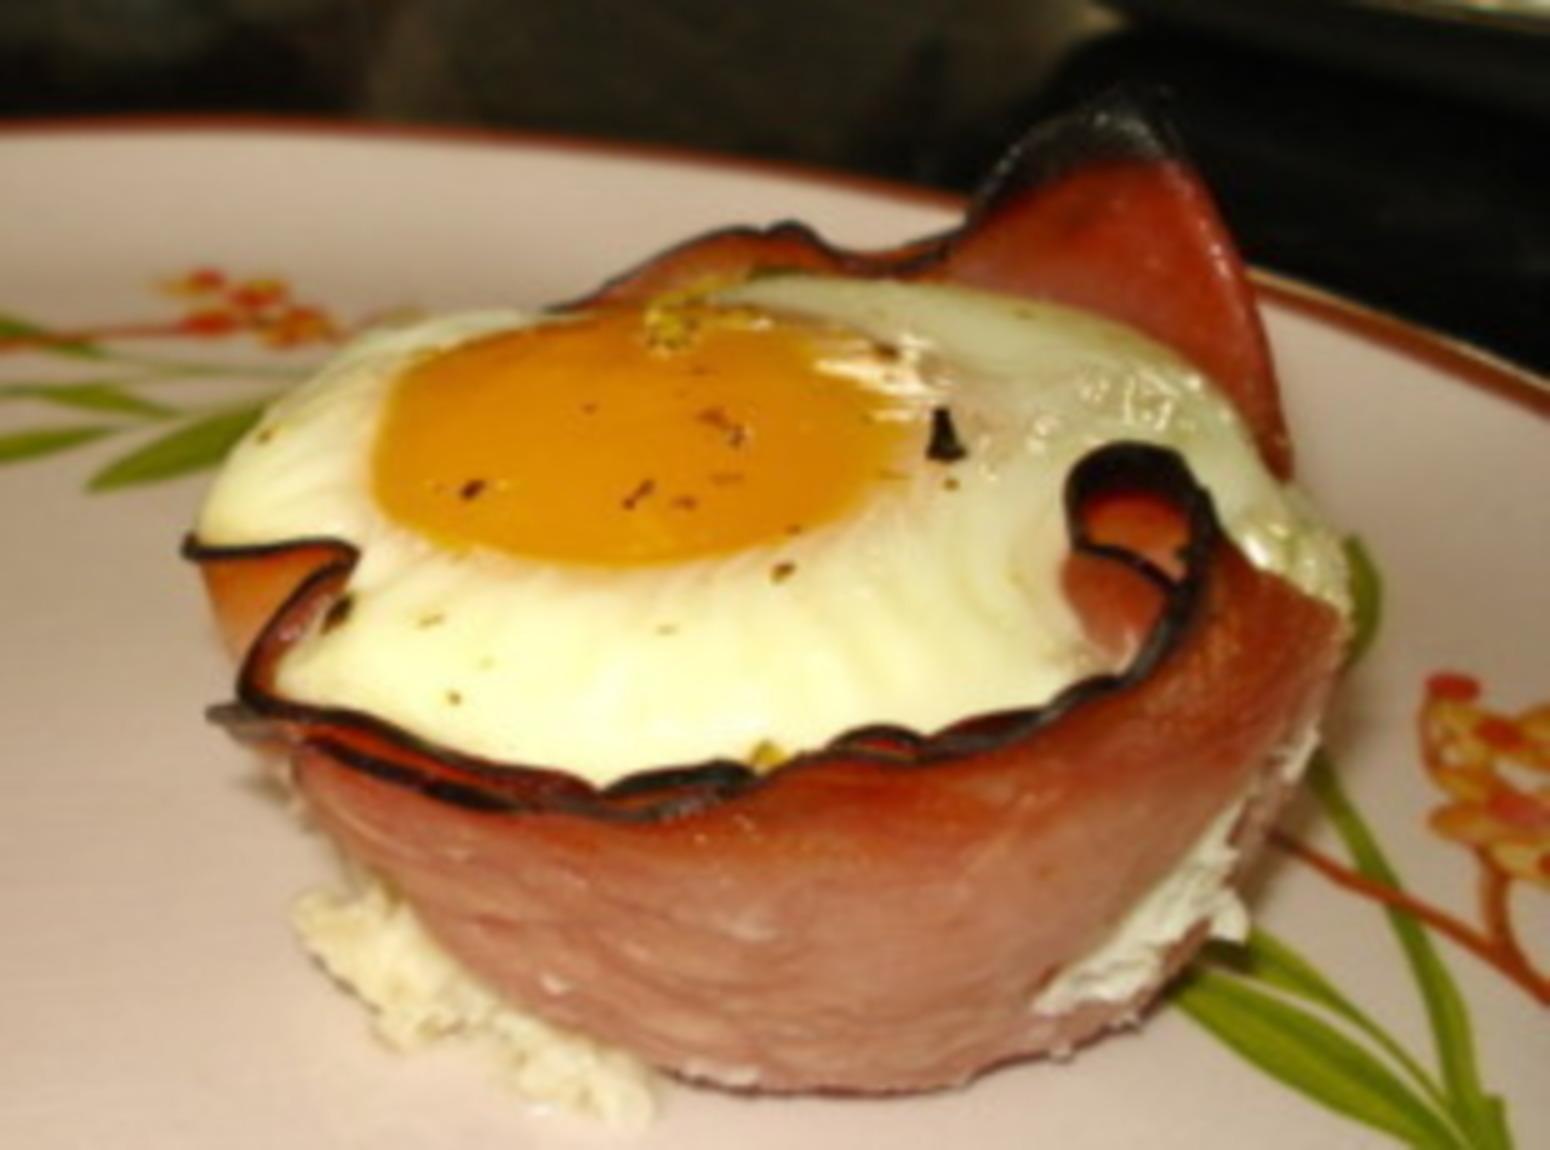 Heather Stepniewski's Savory Egg Cups